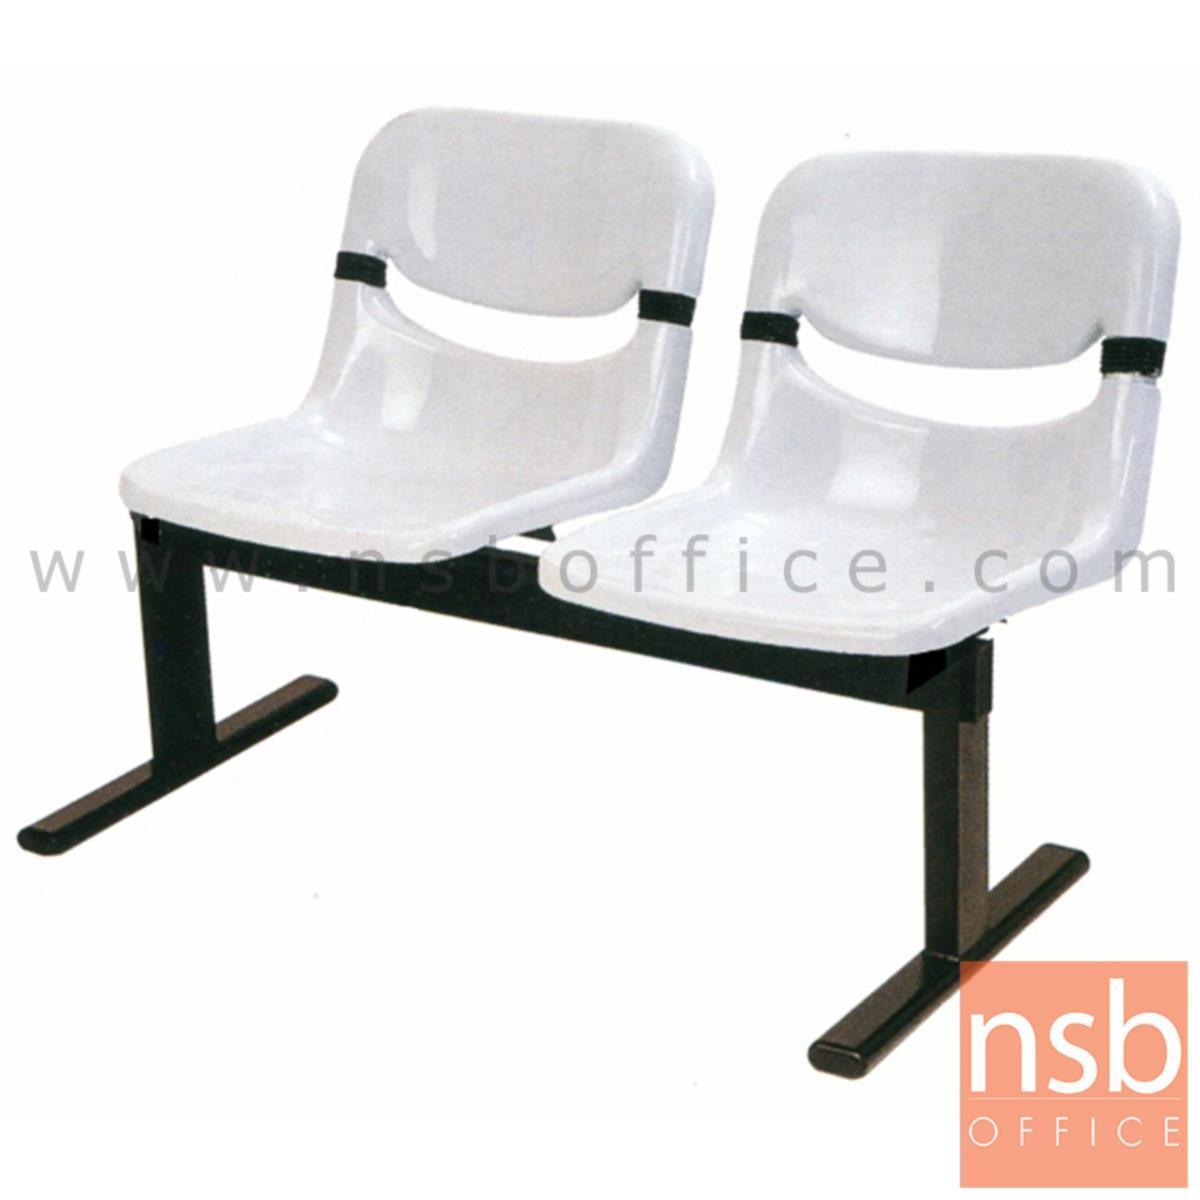 B06A042:เก้าอี้นั่งคอยเฟรมโพลี่ รุ่น B890 2 ,3 ,4 ที่นั่ง ขนาด 101W ,153.5W ,206.5W cm. ขาเหล็ก